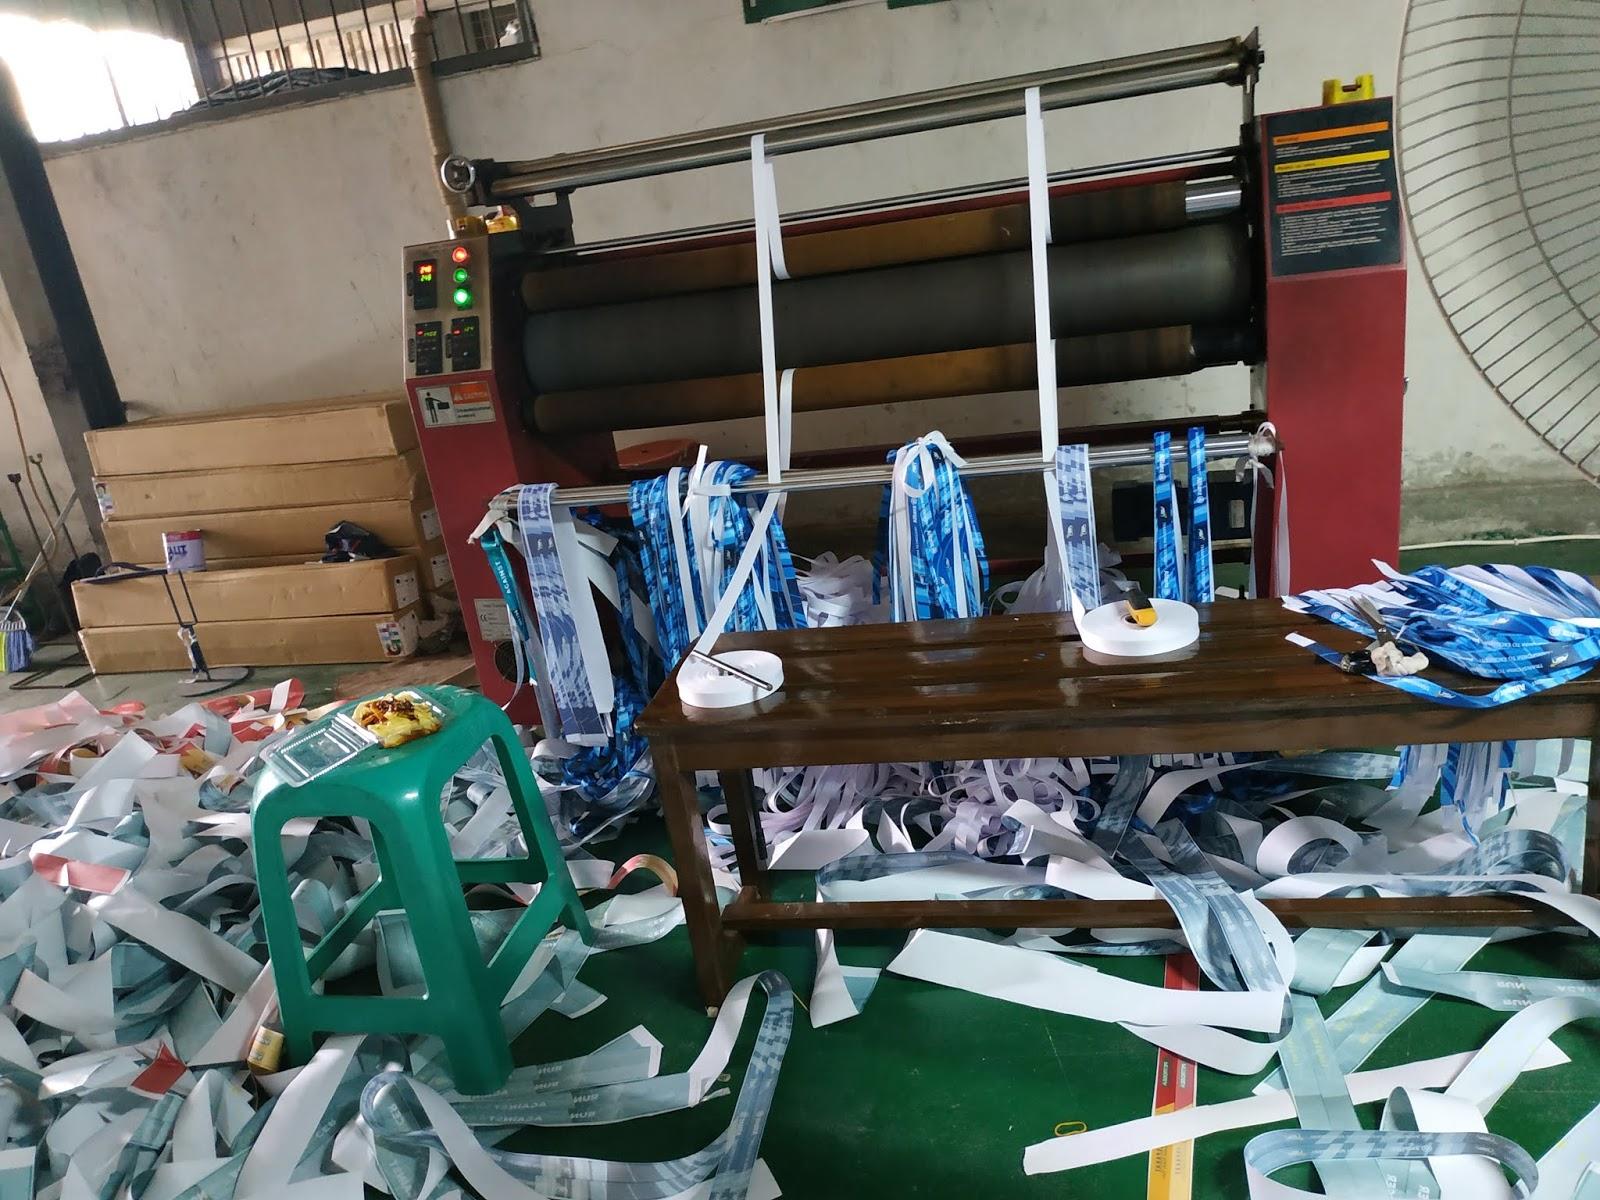 Pusat Produksi Tali Lanyard Murah Dan Berkualitas Di Tangerang